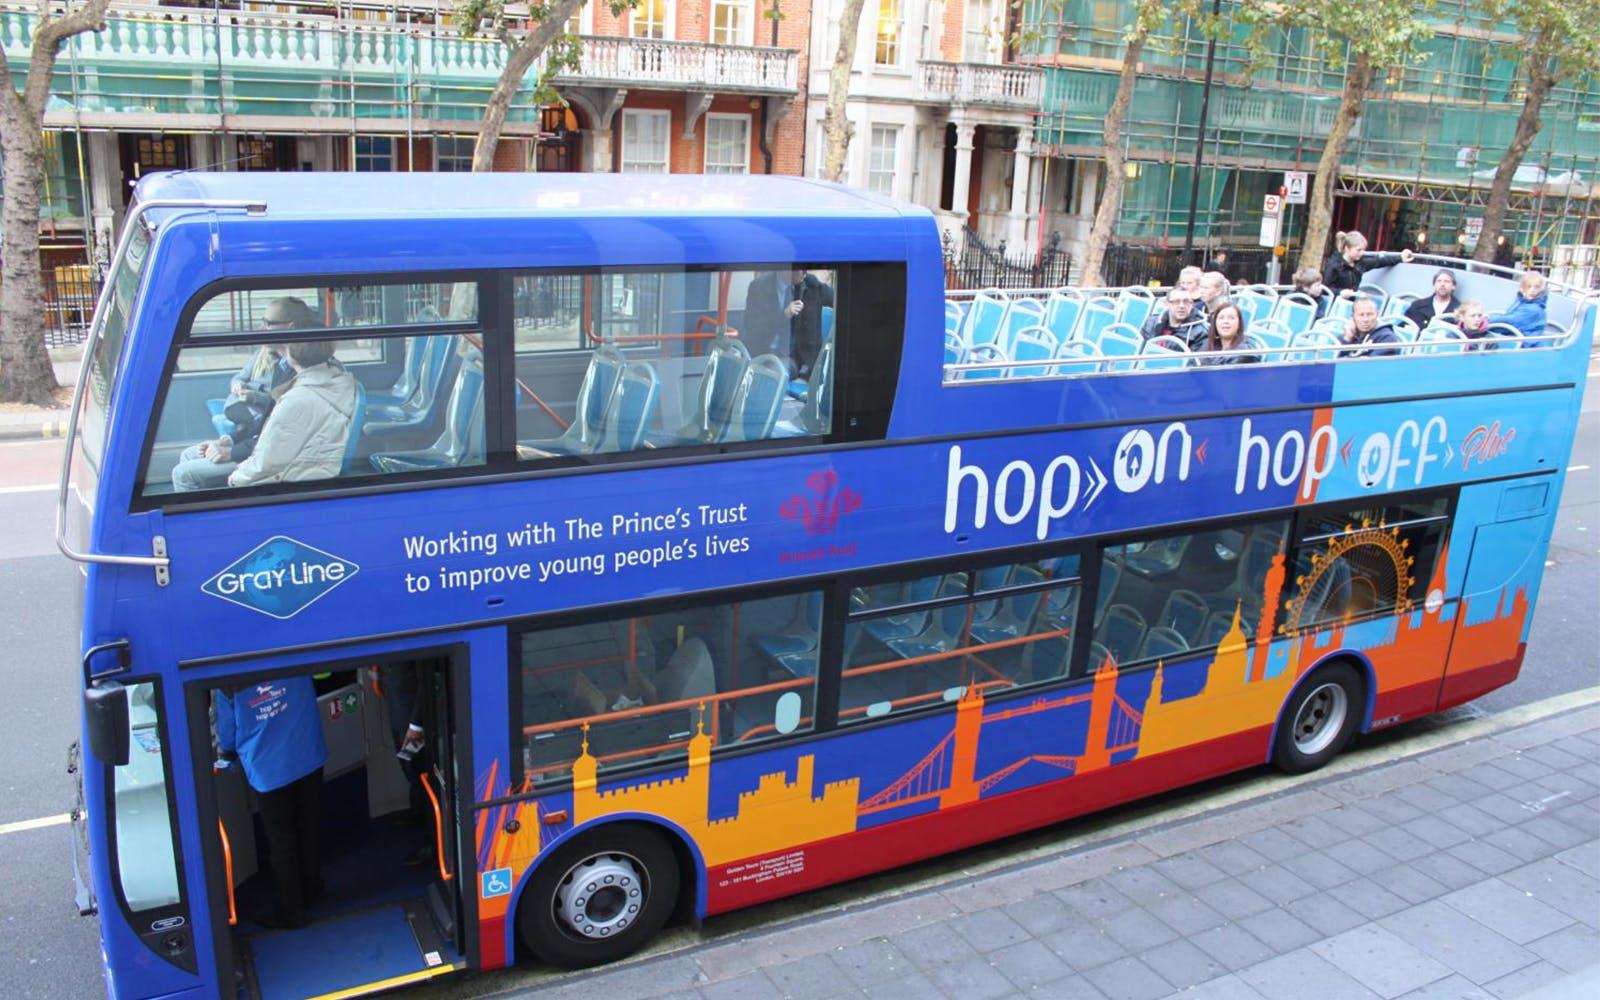 london hop on hop off